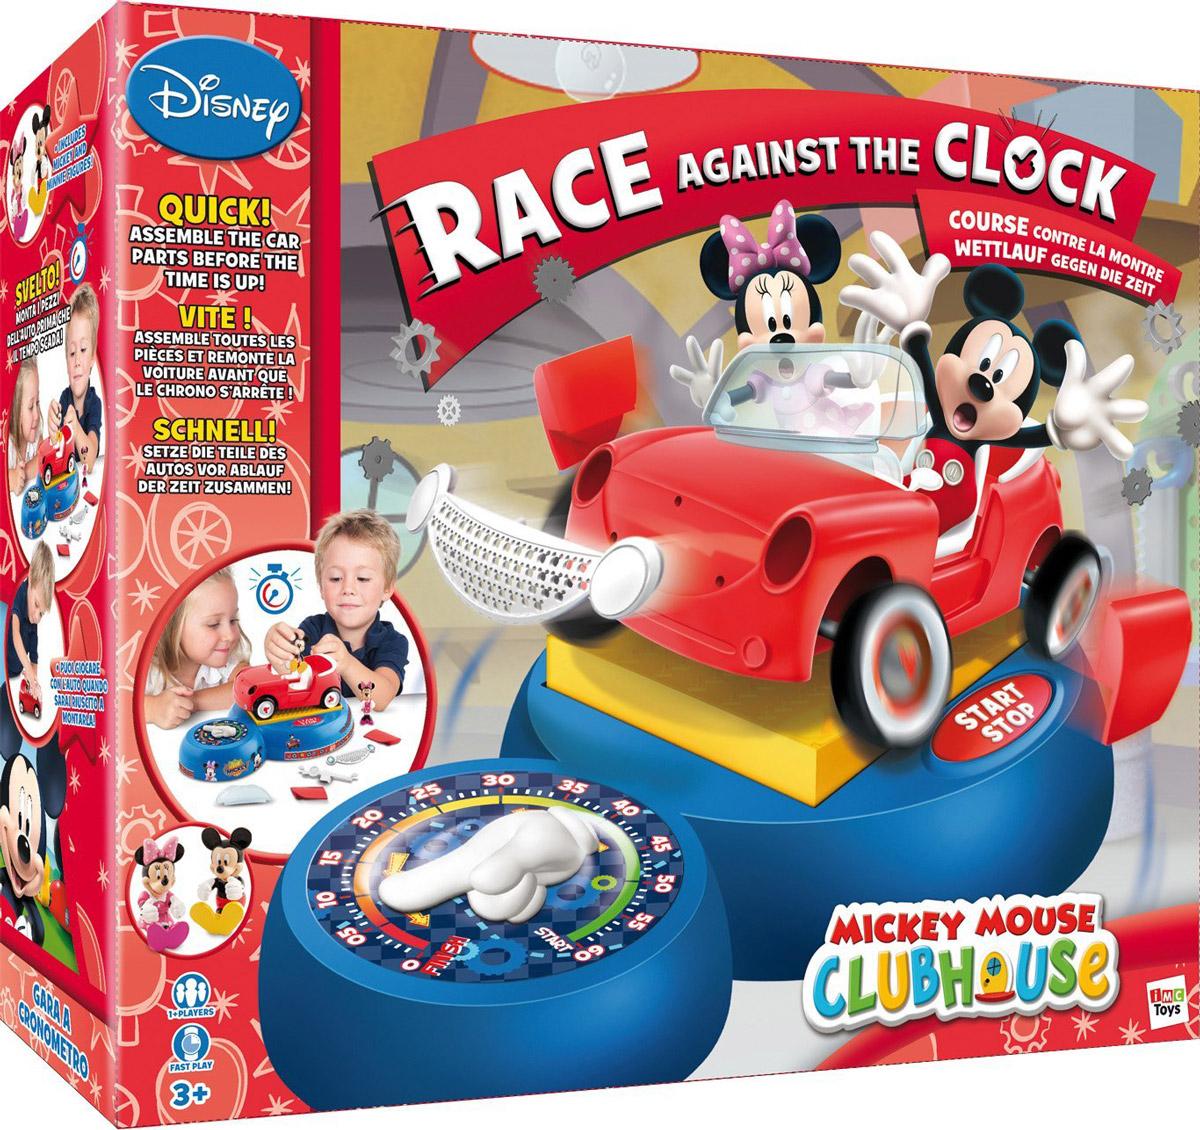 Disney Настольная игра Гонка на время Mickey Mouse1120218Игра заключается в том, чтобы как можно быстрее собрать машинку Mickey до истечения времени. Эта захватывающая игрушка понравится всей семье. Эта захватывающая настольная игра понравится всей семье. В набор входят фигурки любимых героев Микки и Минни. Игра выполнена из высококачественных безопасных материалов.